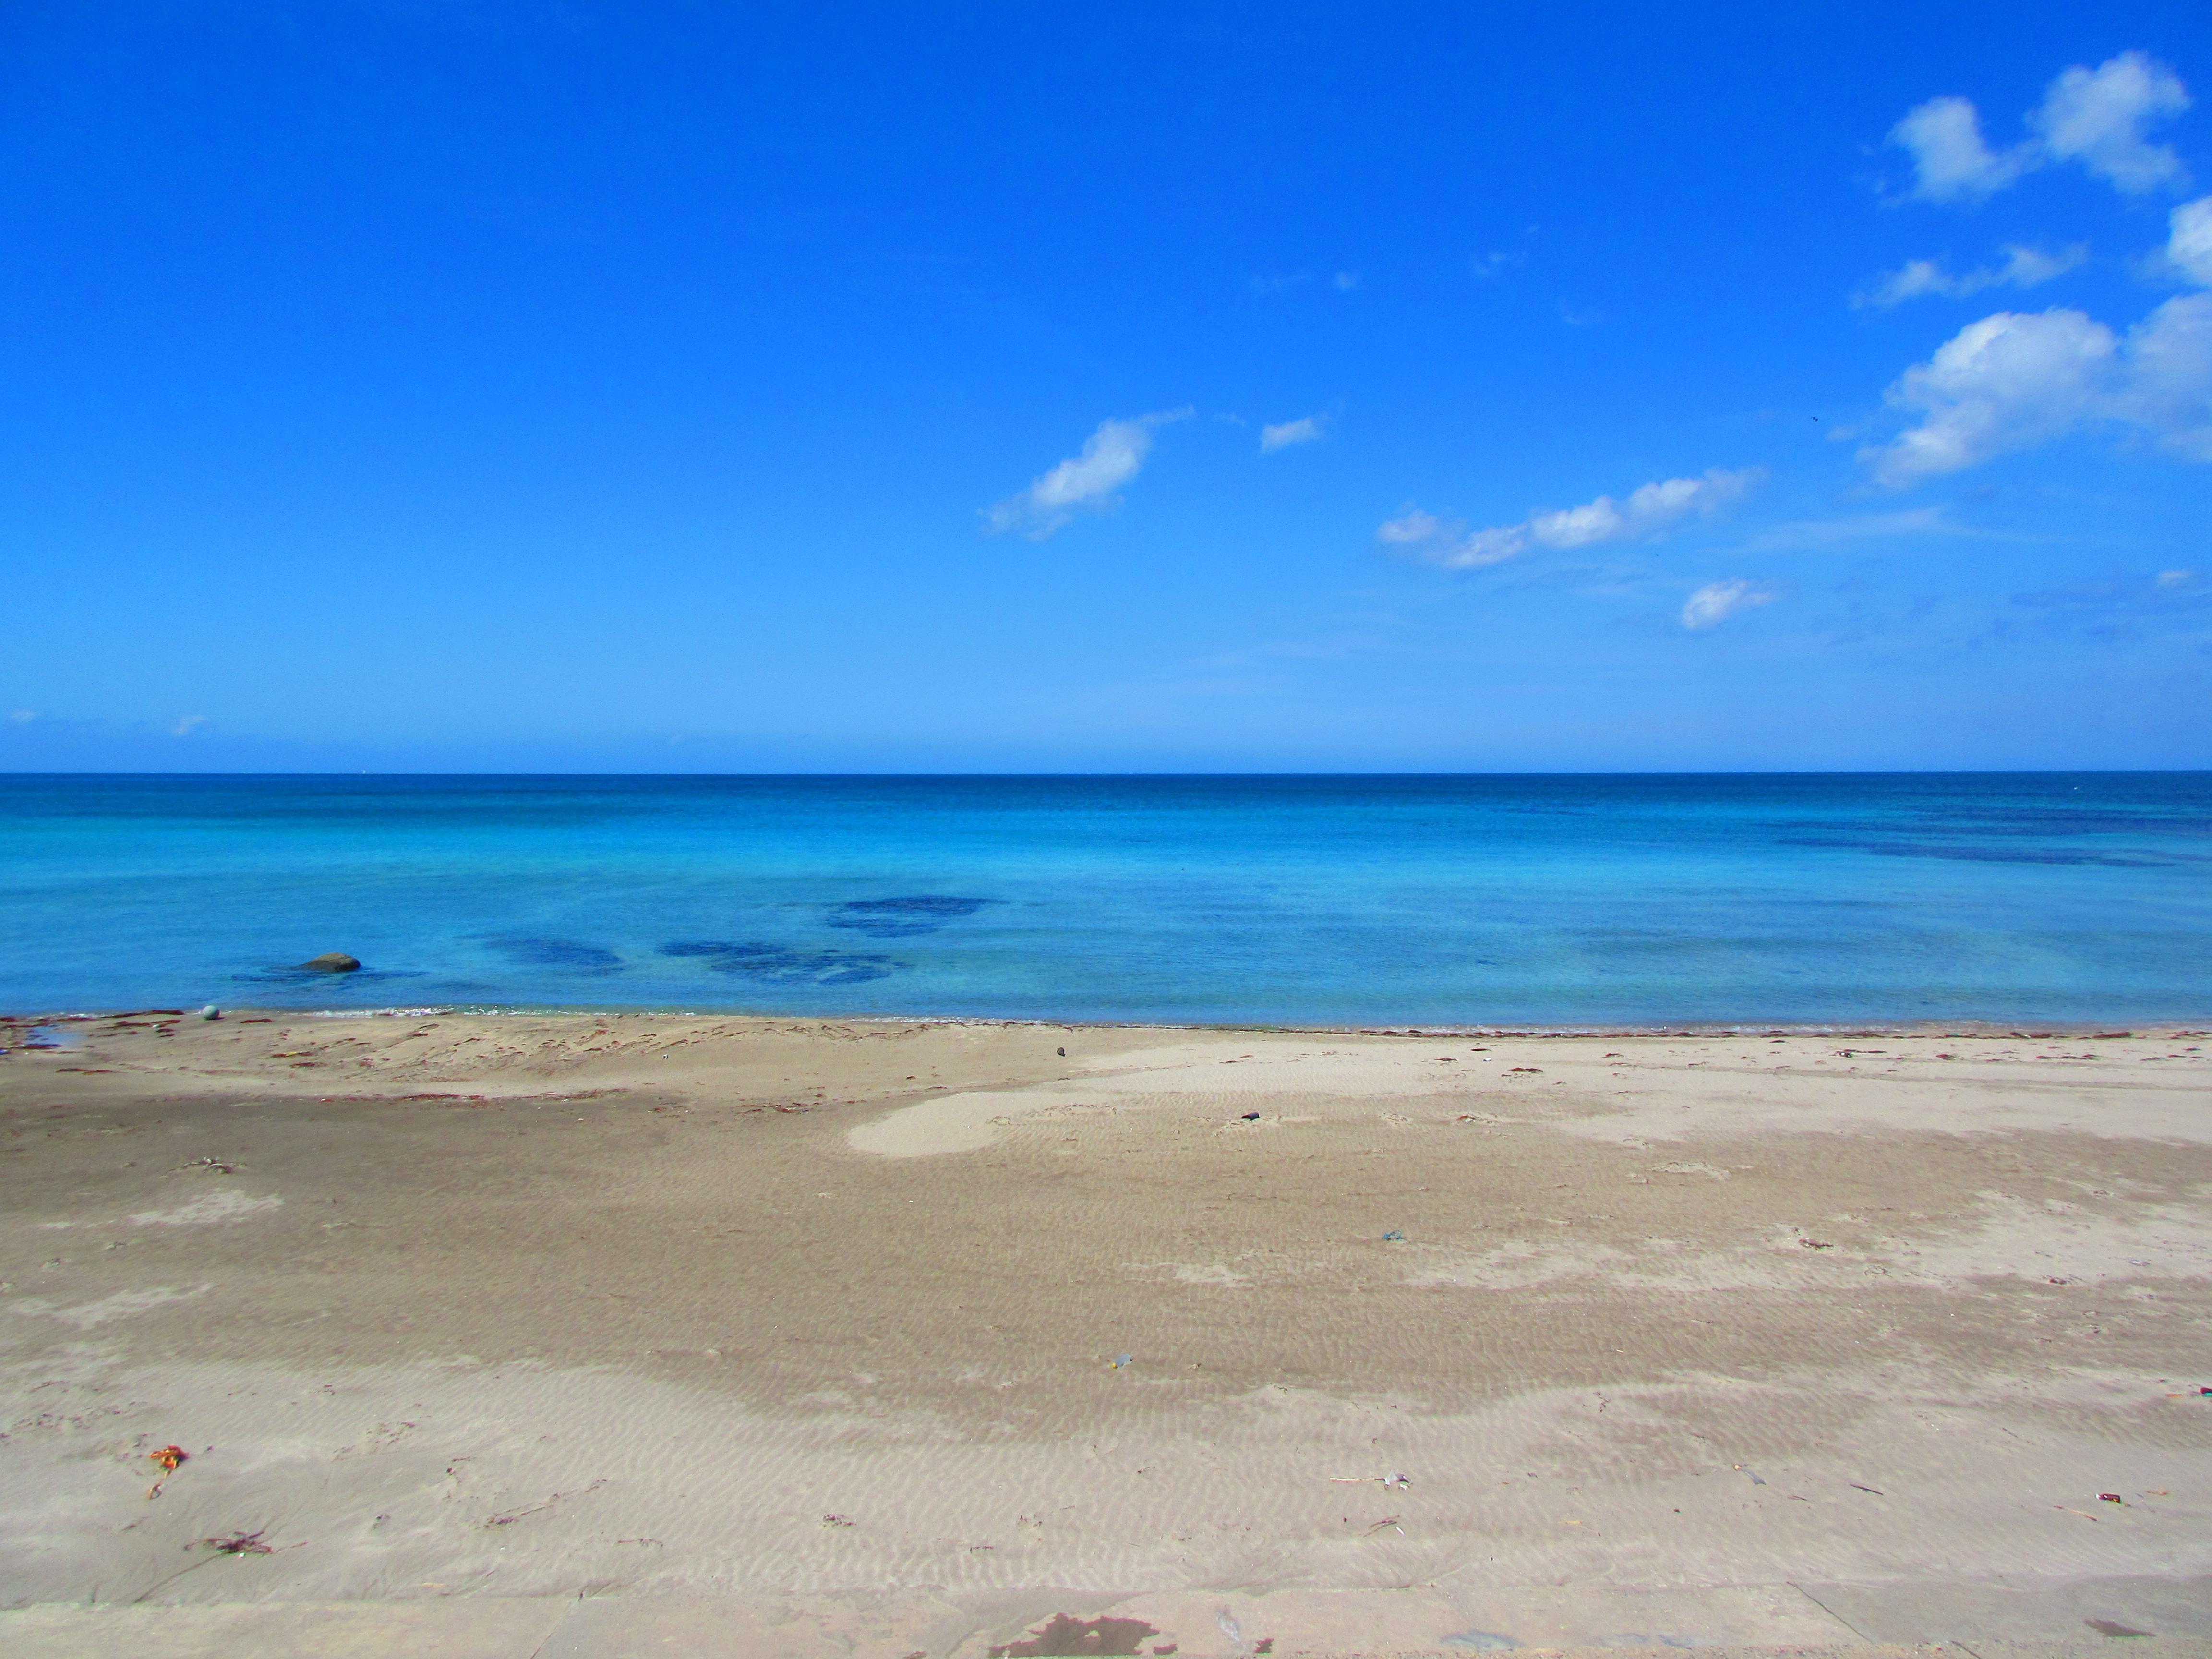 ガンド狙いで魚突きに行ったら5月の能登の海は夏になり始めていた。